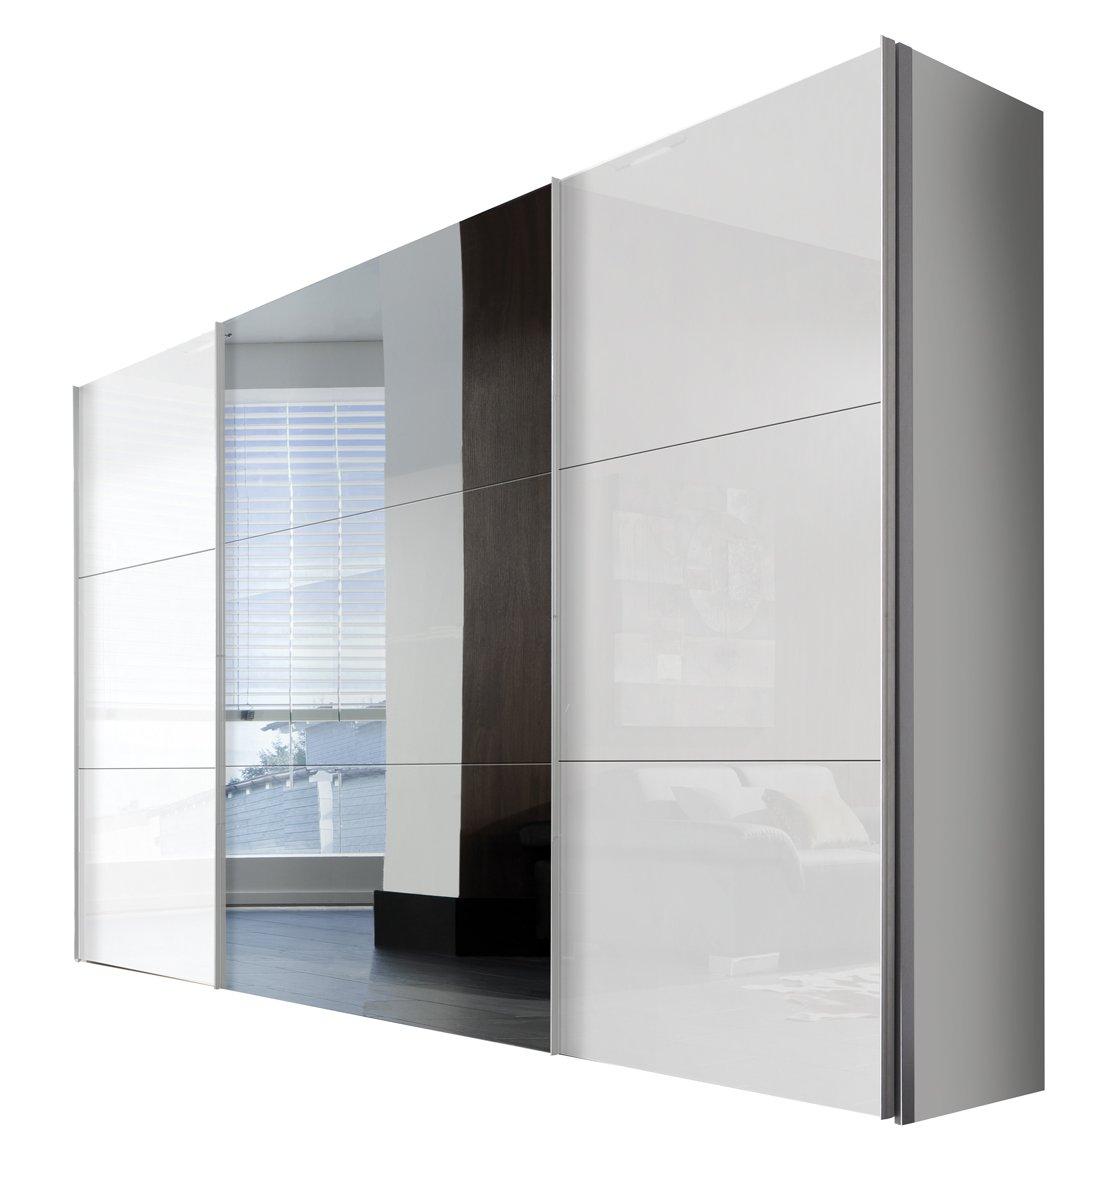 Solutions 46350-203 Schwebetürenschrank 3-türig, Griffleisten Alufarben, Korpus Polarweiß / Front Lack weiß und Spiegel